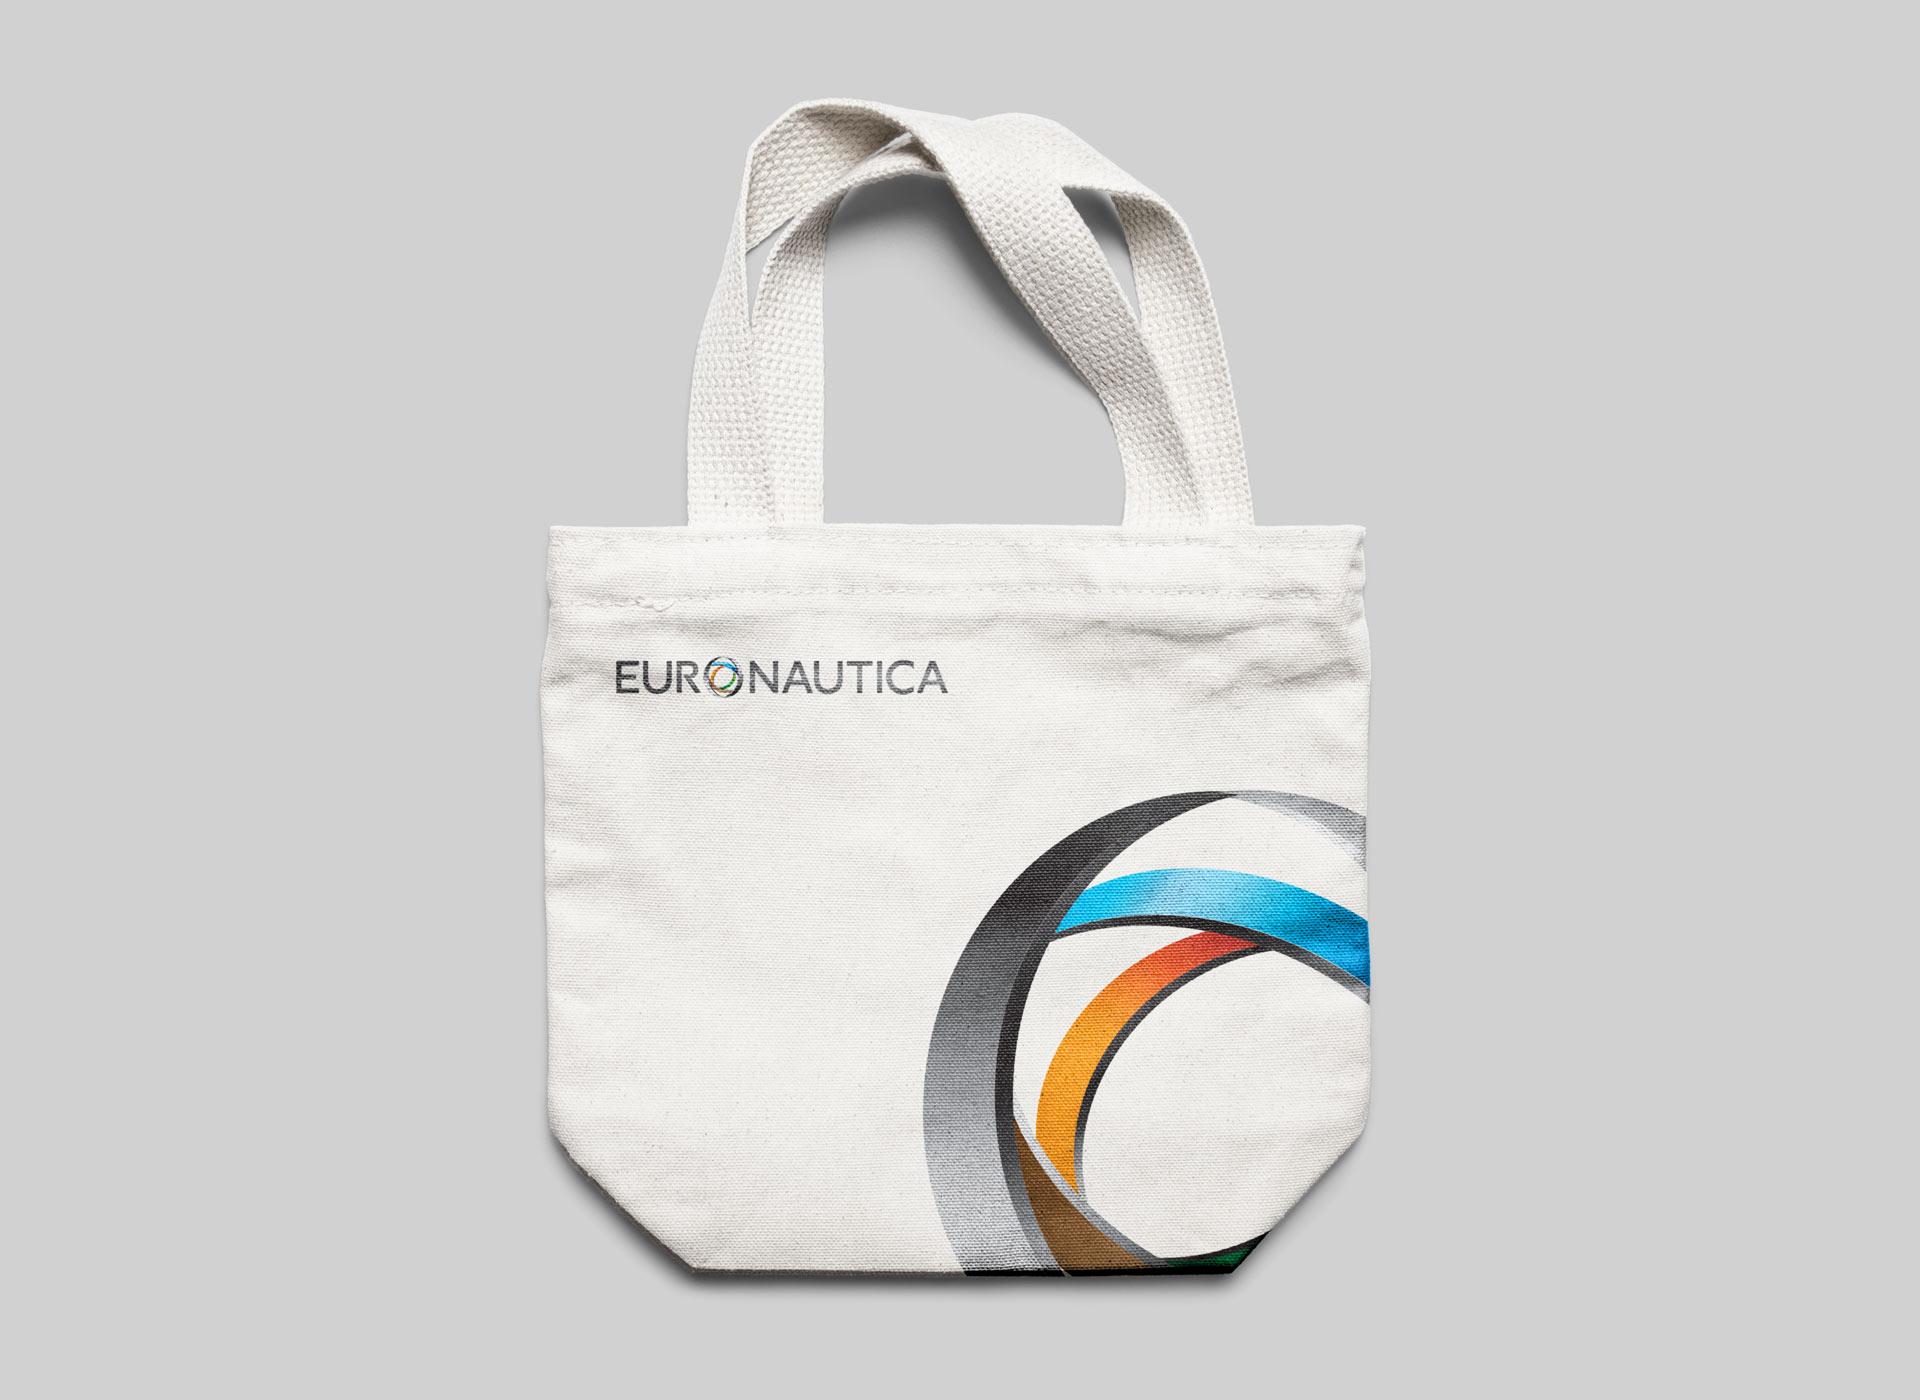 euronautica bag